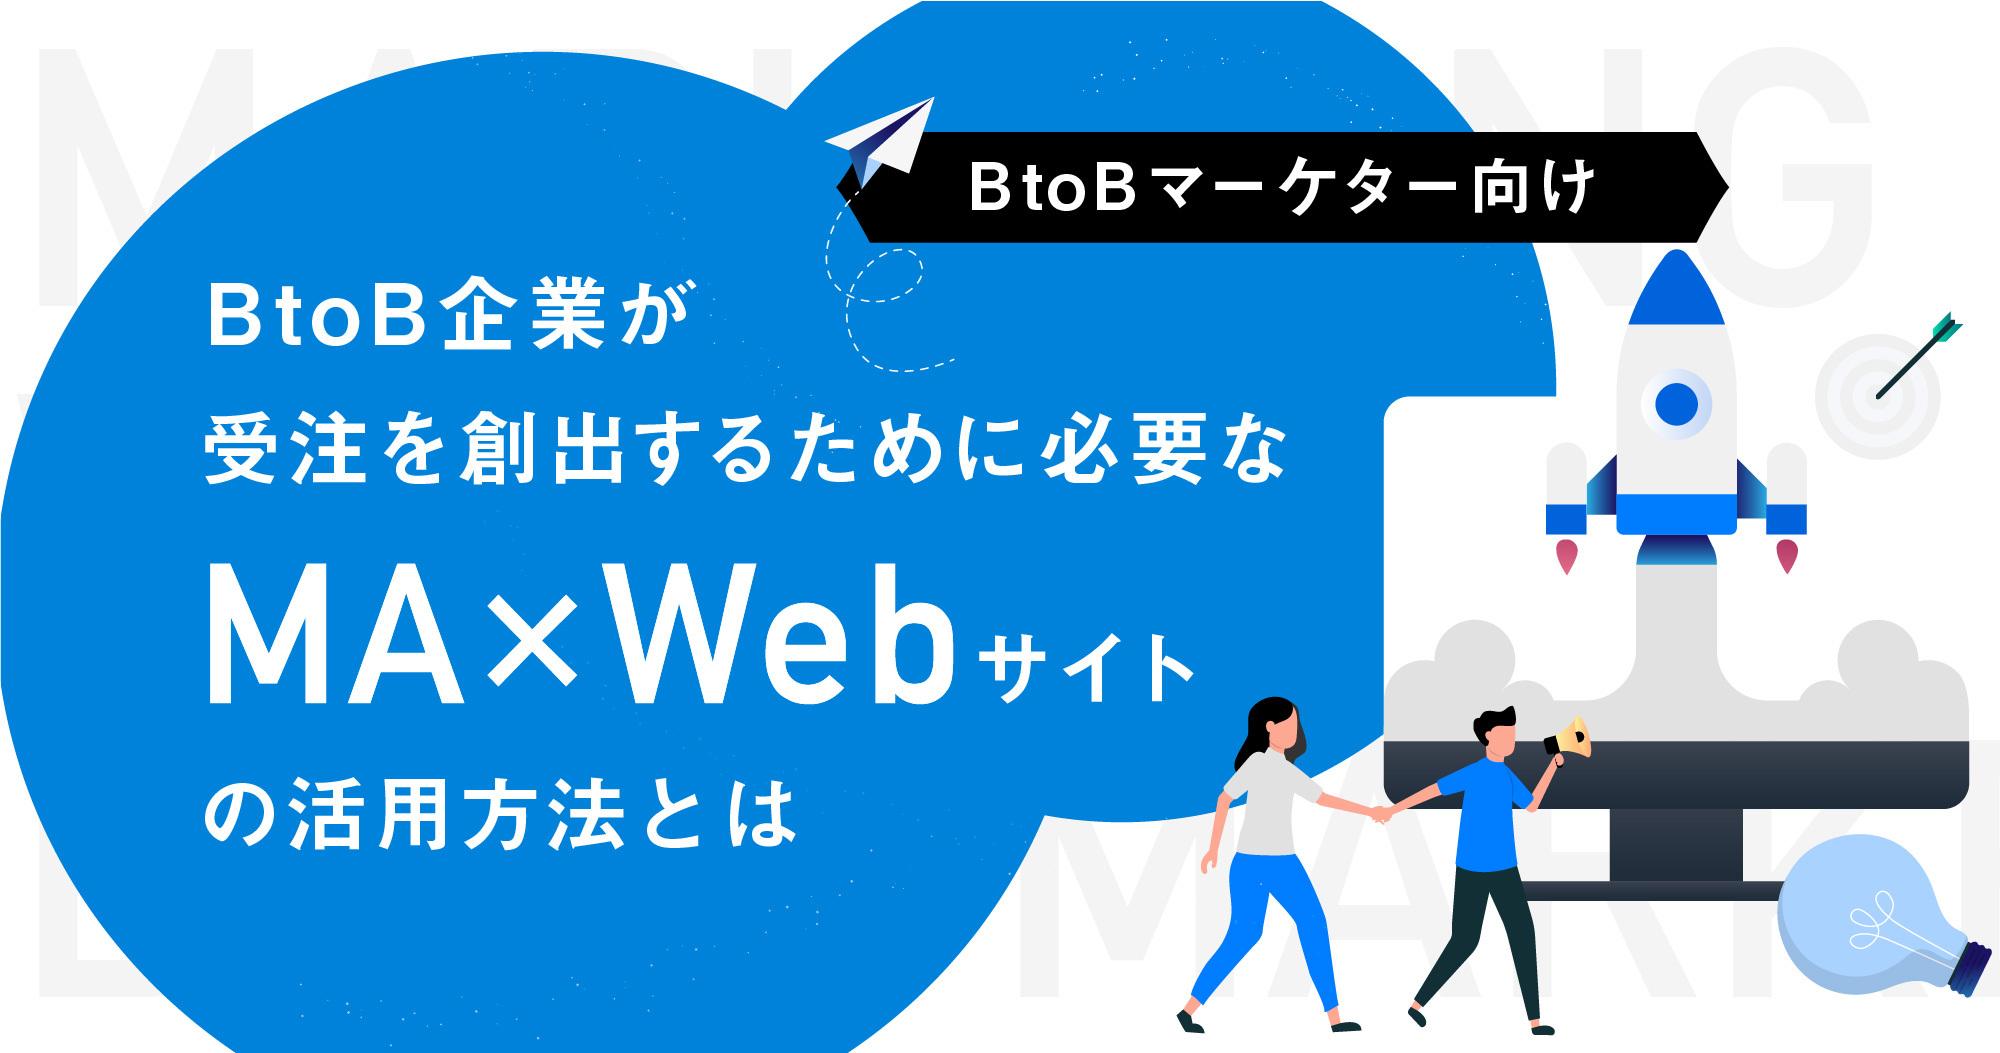 """【9月10日(木)】デジタルトランスフォーメーション(DX)を学ぶ基礎セミナー 営業生産性を上げる""""攻め""""のDXとは"""